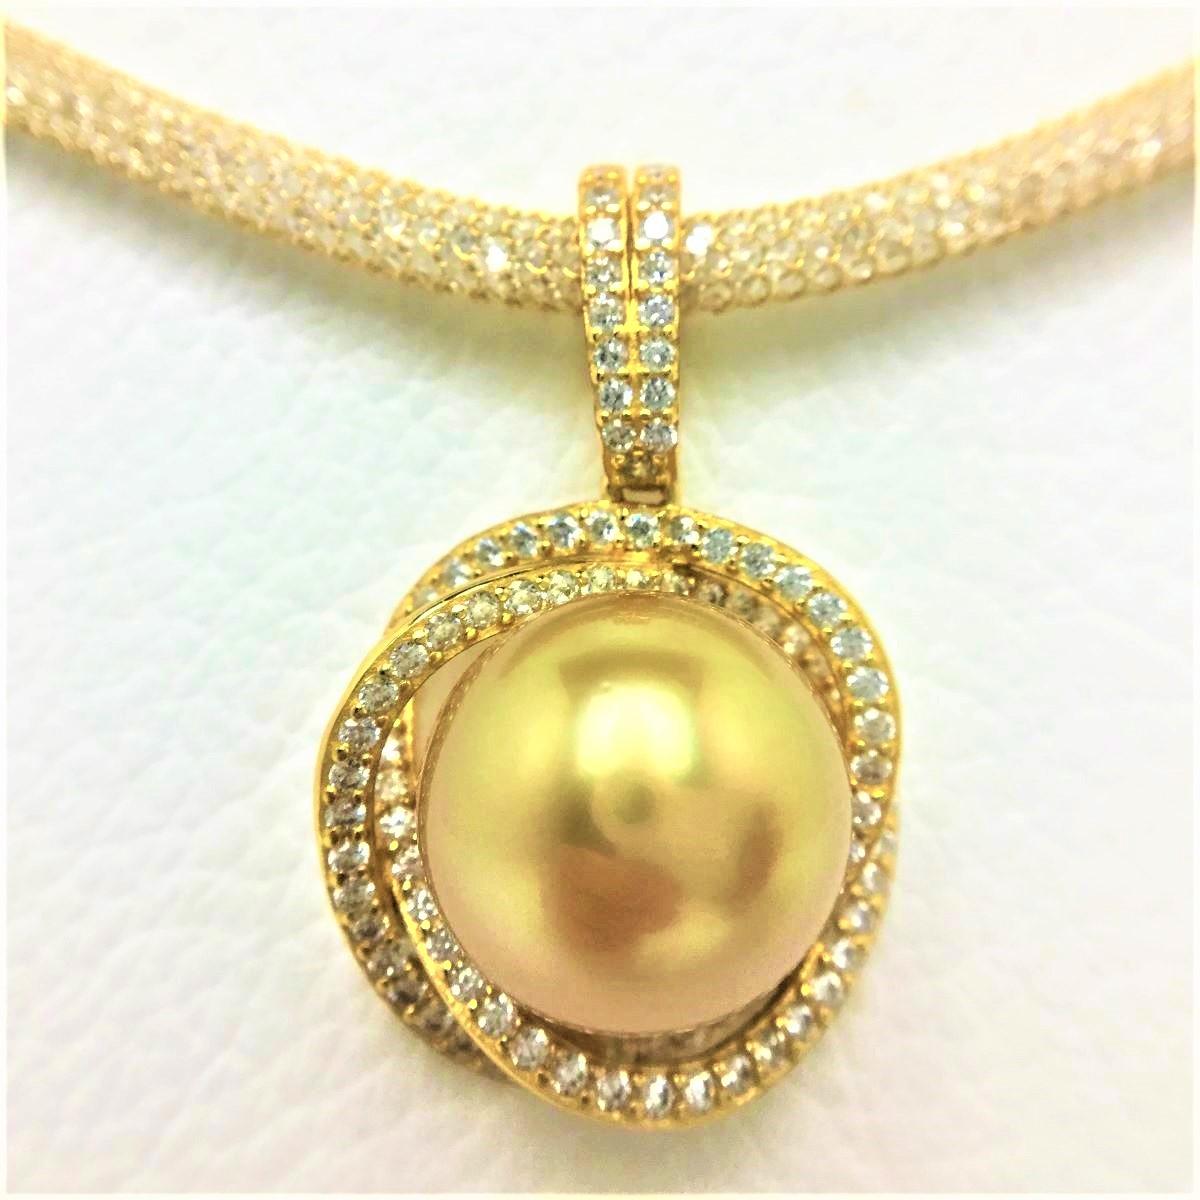 真珠 ペンダント パール 白蝶真珠 13.05mm ゴールド(ナチュラル) シルバー 66983 イソワパール